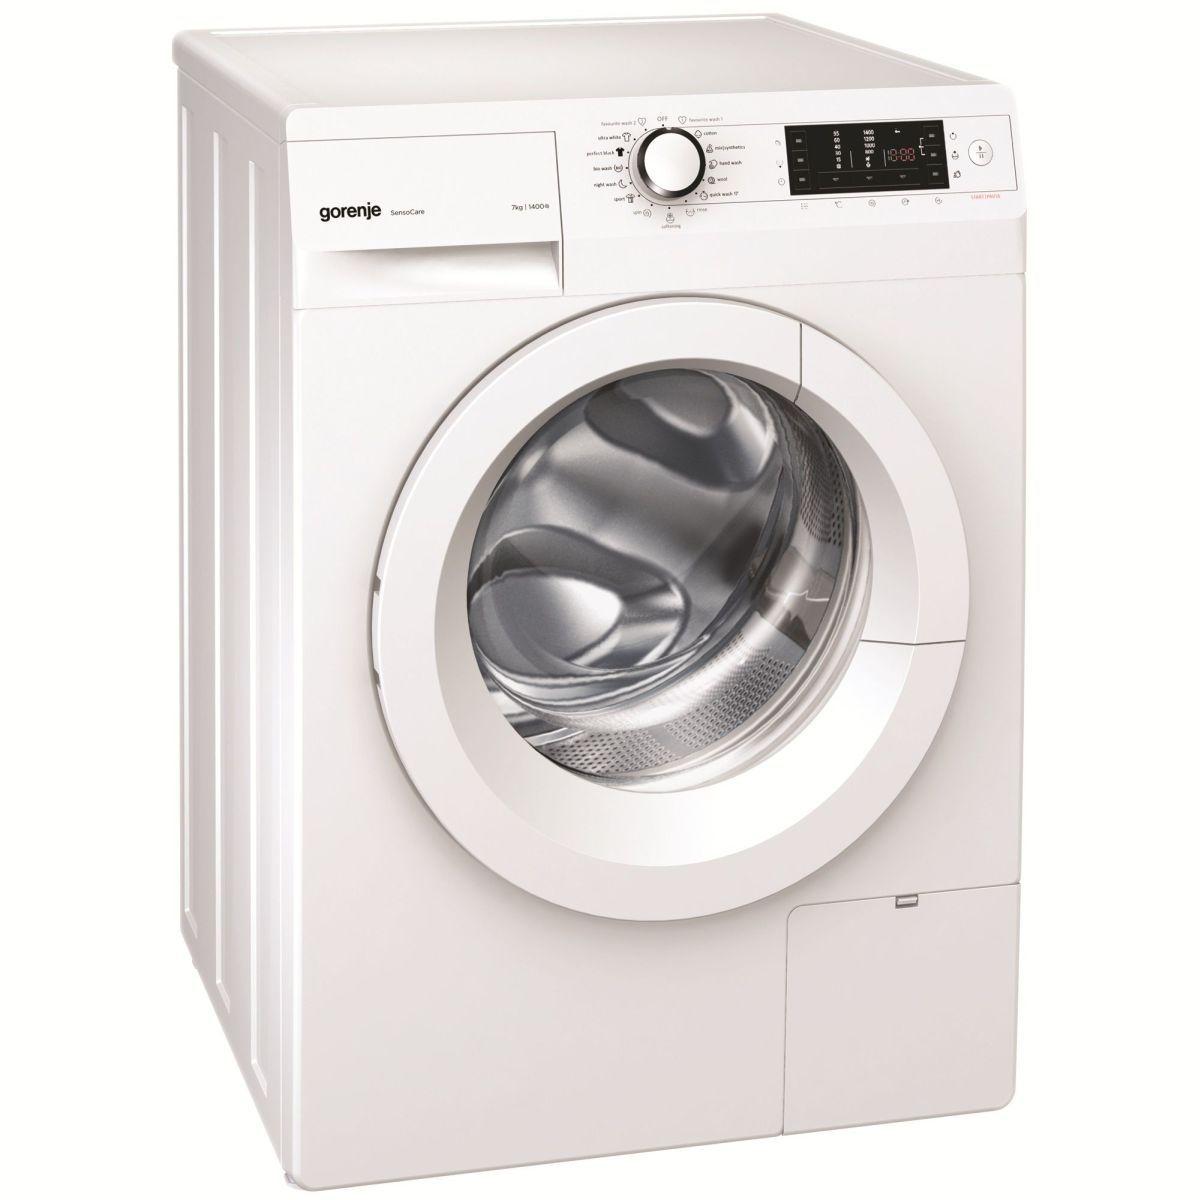 Gorenje W7543l O Mașină De Spălat Cu 1400 Rpm Gadget Review Ro Washing Machine Brands Washing Machine Reviews Front Loading Washing Machine